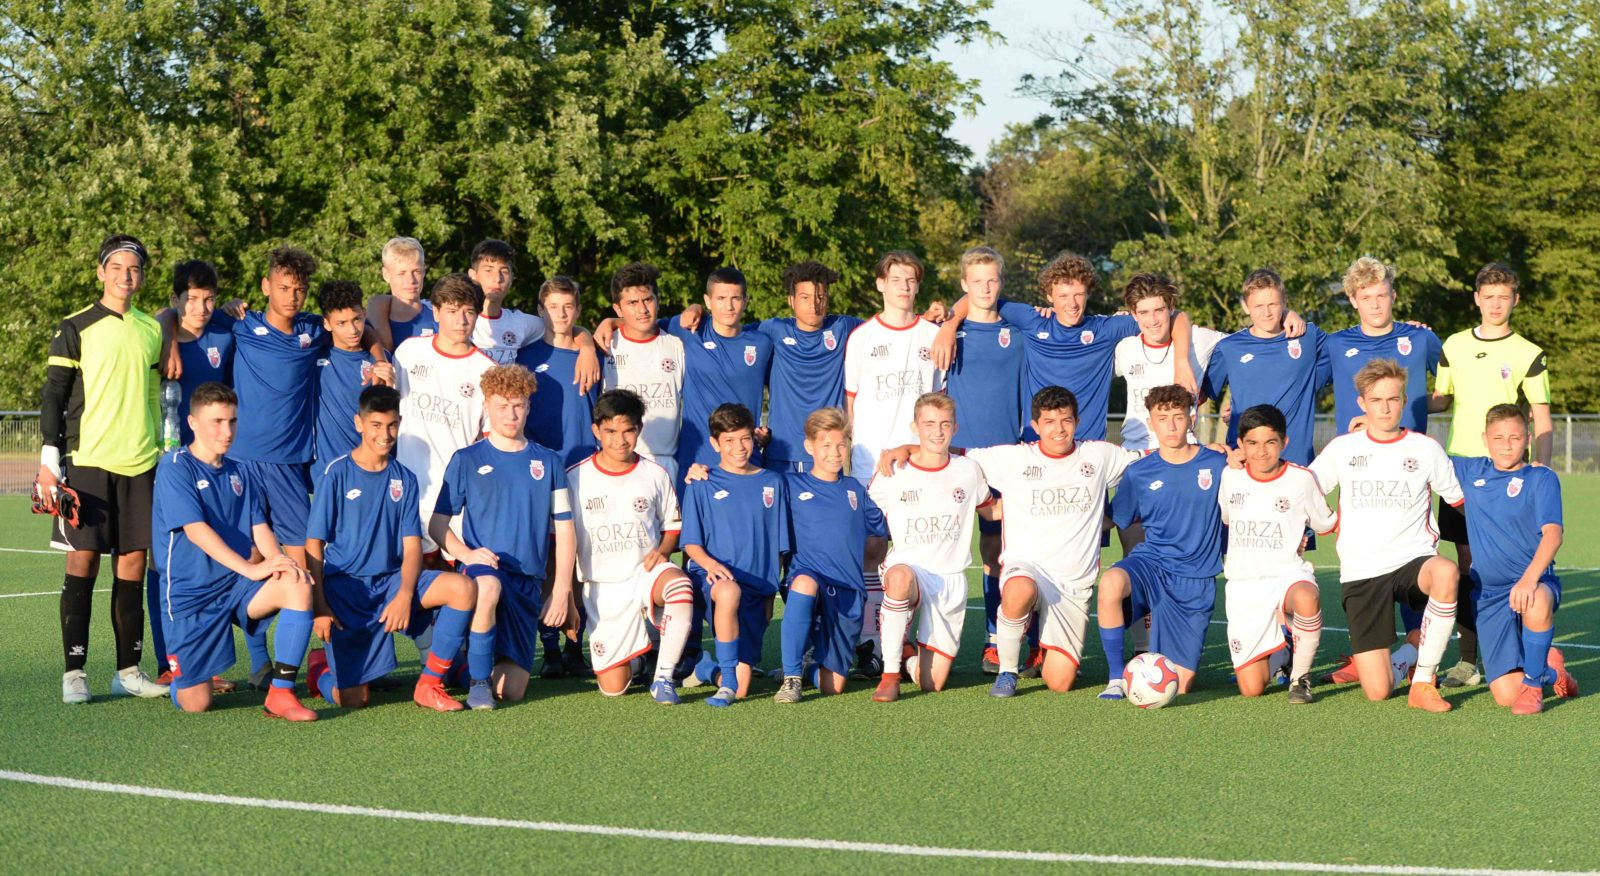 DSC_6187 BSC U16 - Forza Campiones (F)